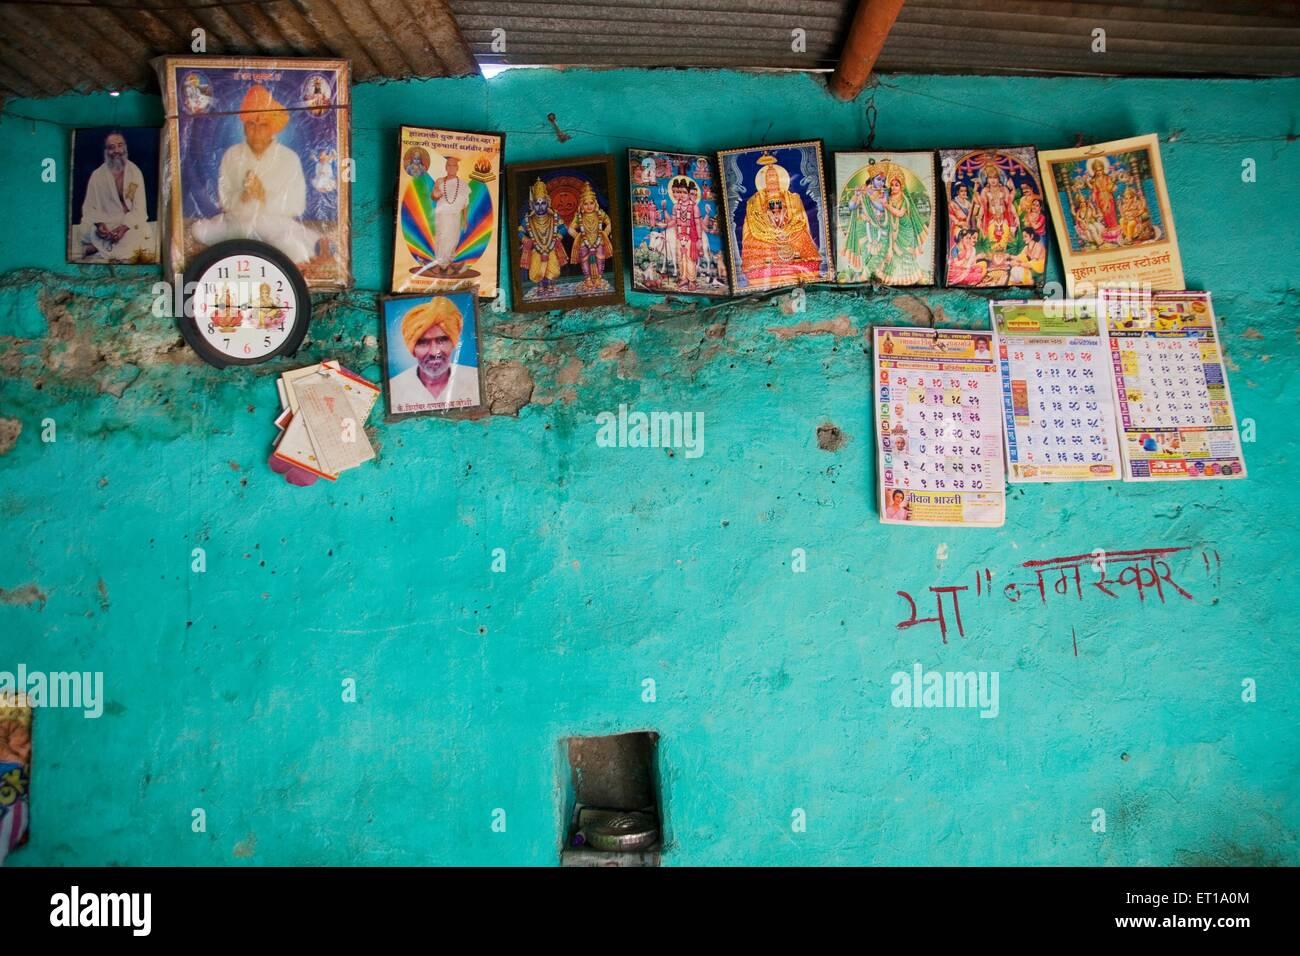 Photographies de dieux sur mur de maison , Nandur Marathwada Maharashtra;;; l'Inde Photo Stock